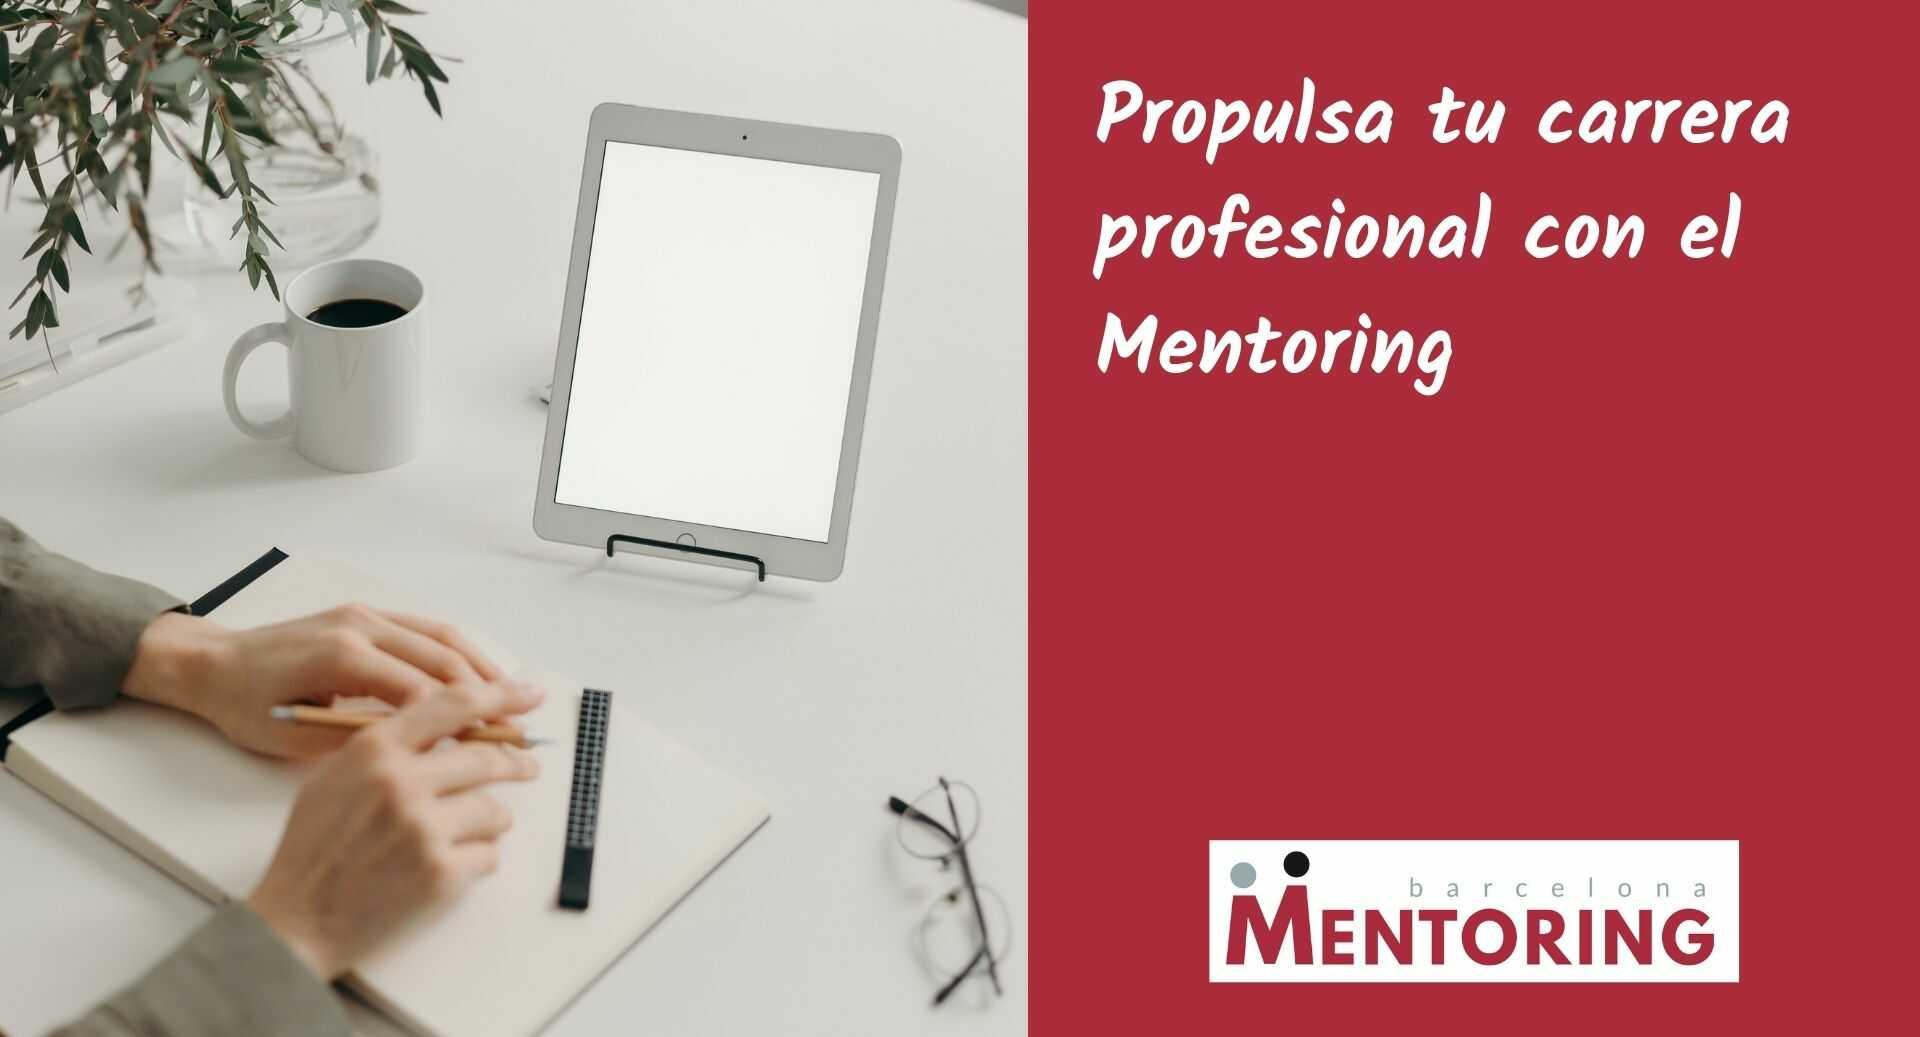 Propulsa tu carrera profesional con el mentoring